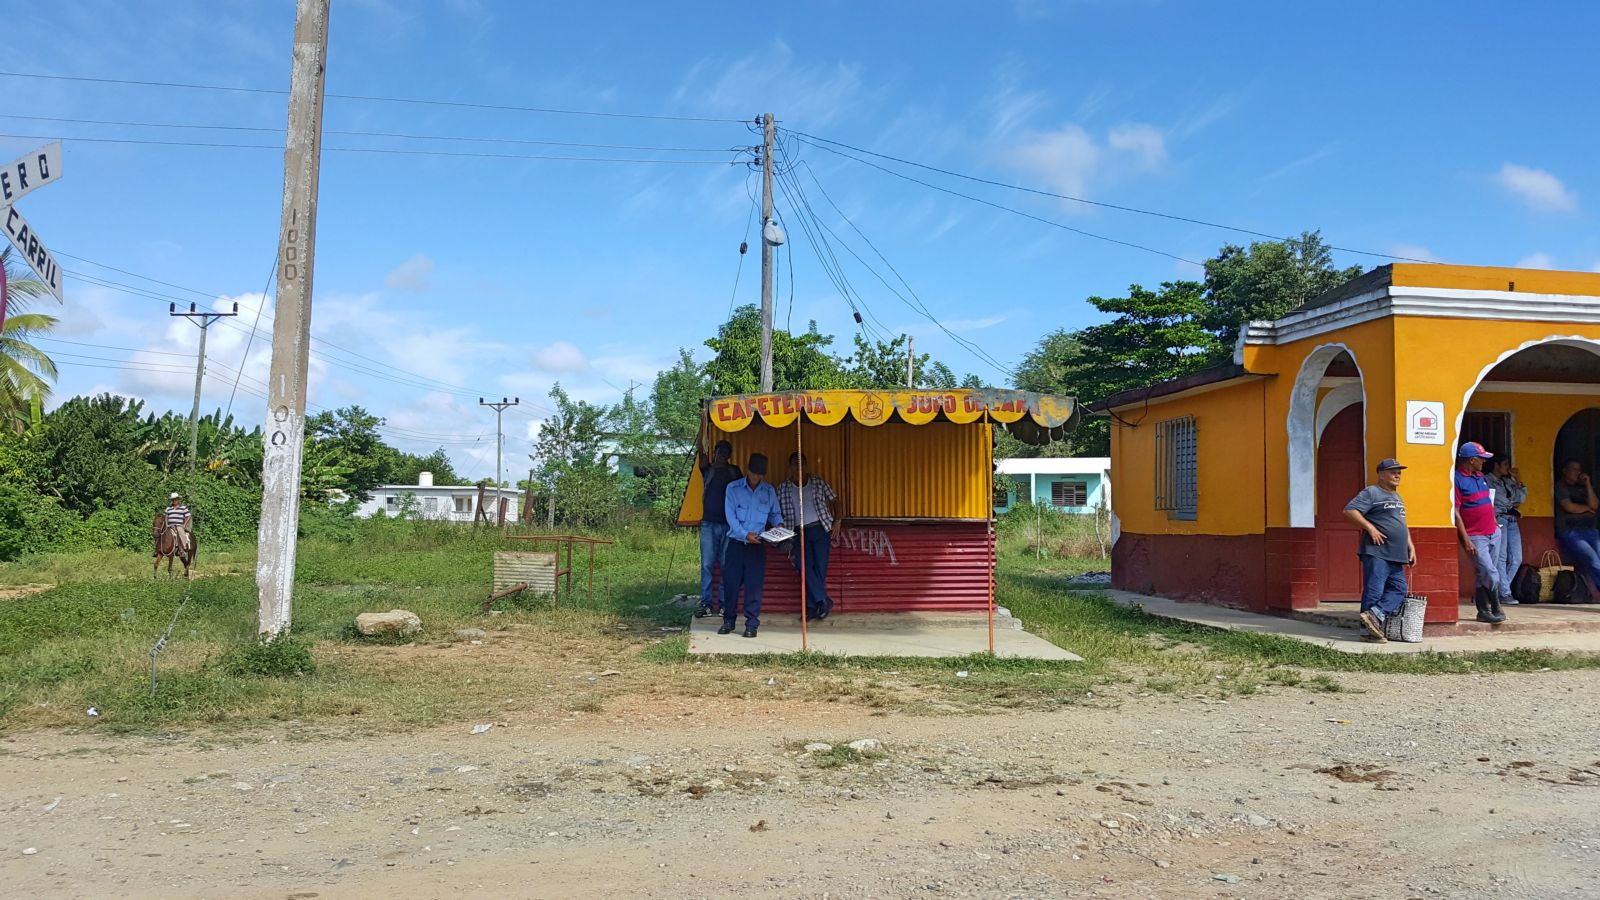 043 Trinidad